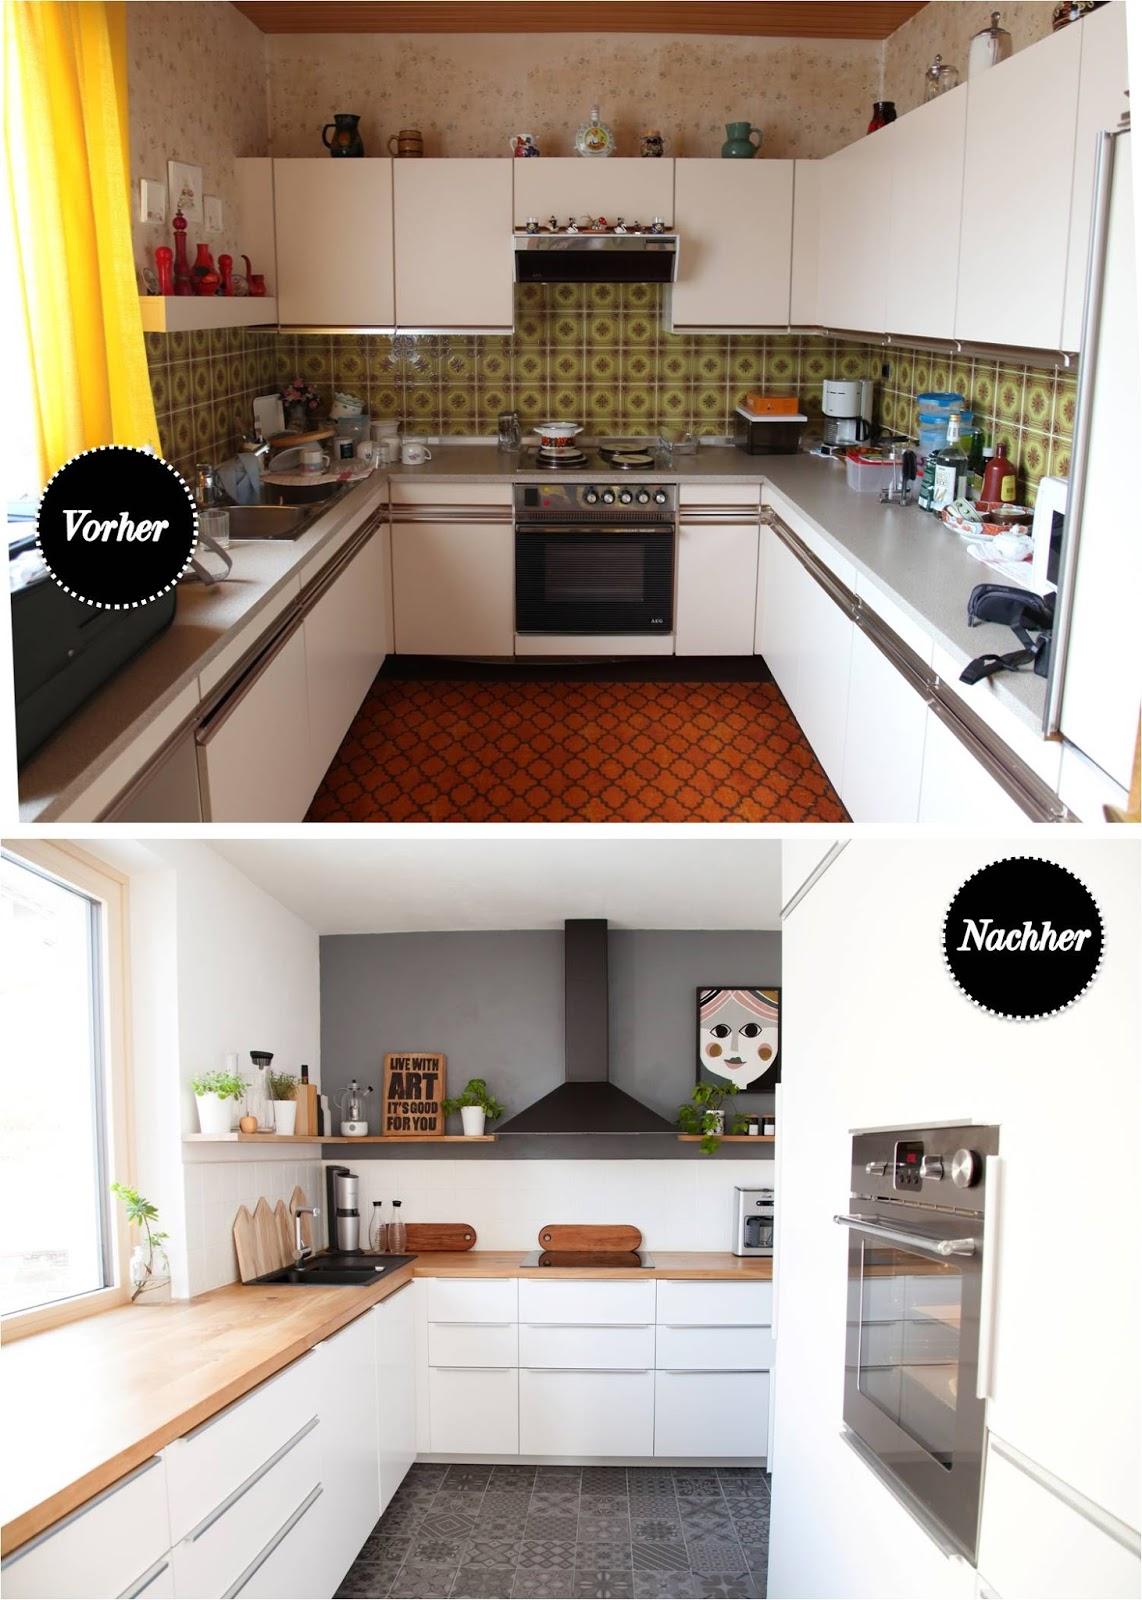 Küche Vorher Nachher | Beseelt Küche Renovieren Vorher Nachher ...